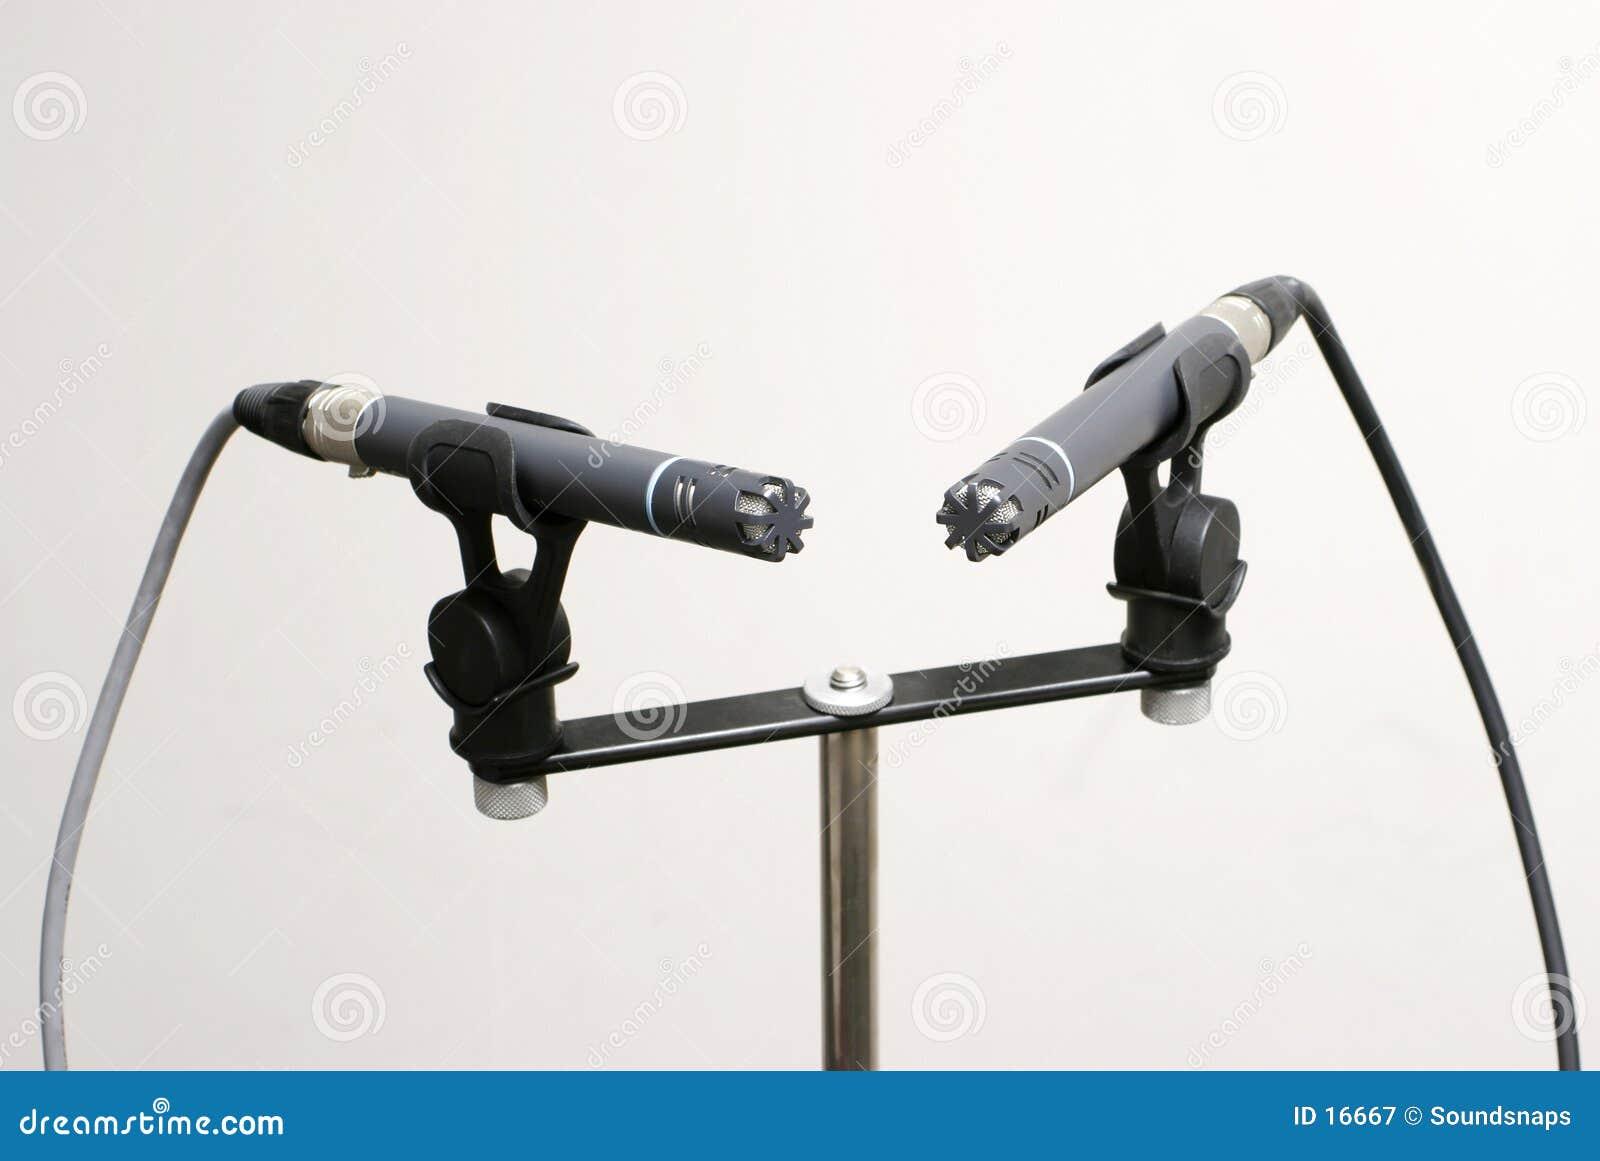 Stereomikrofon-Paare